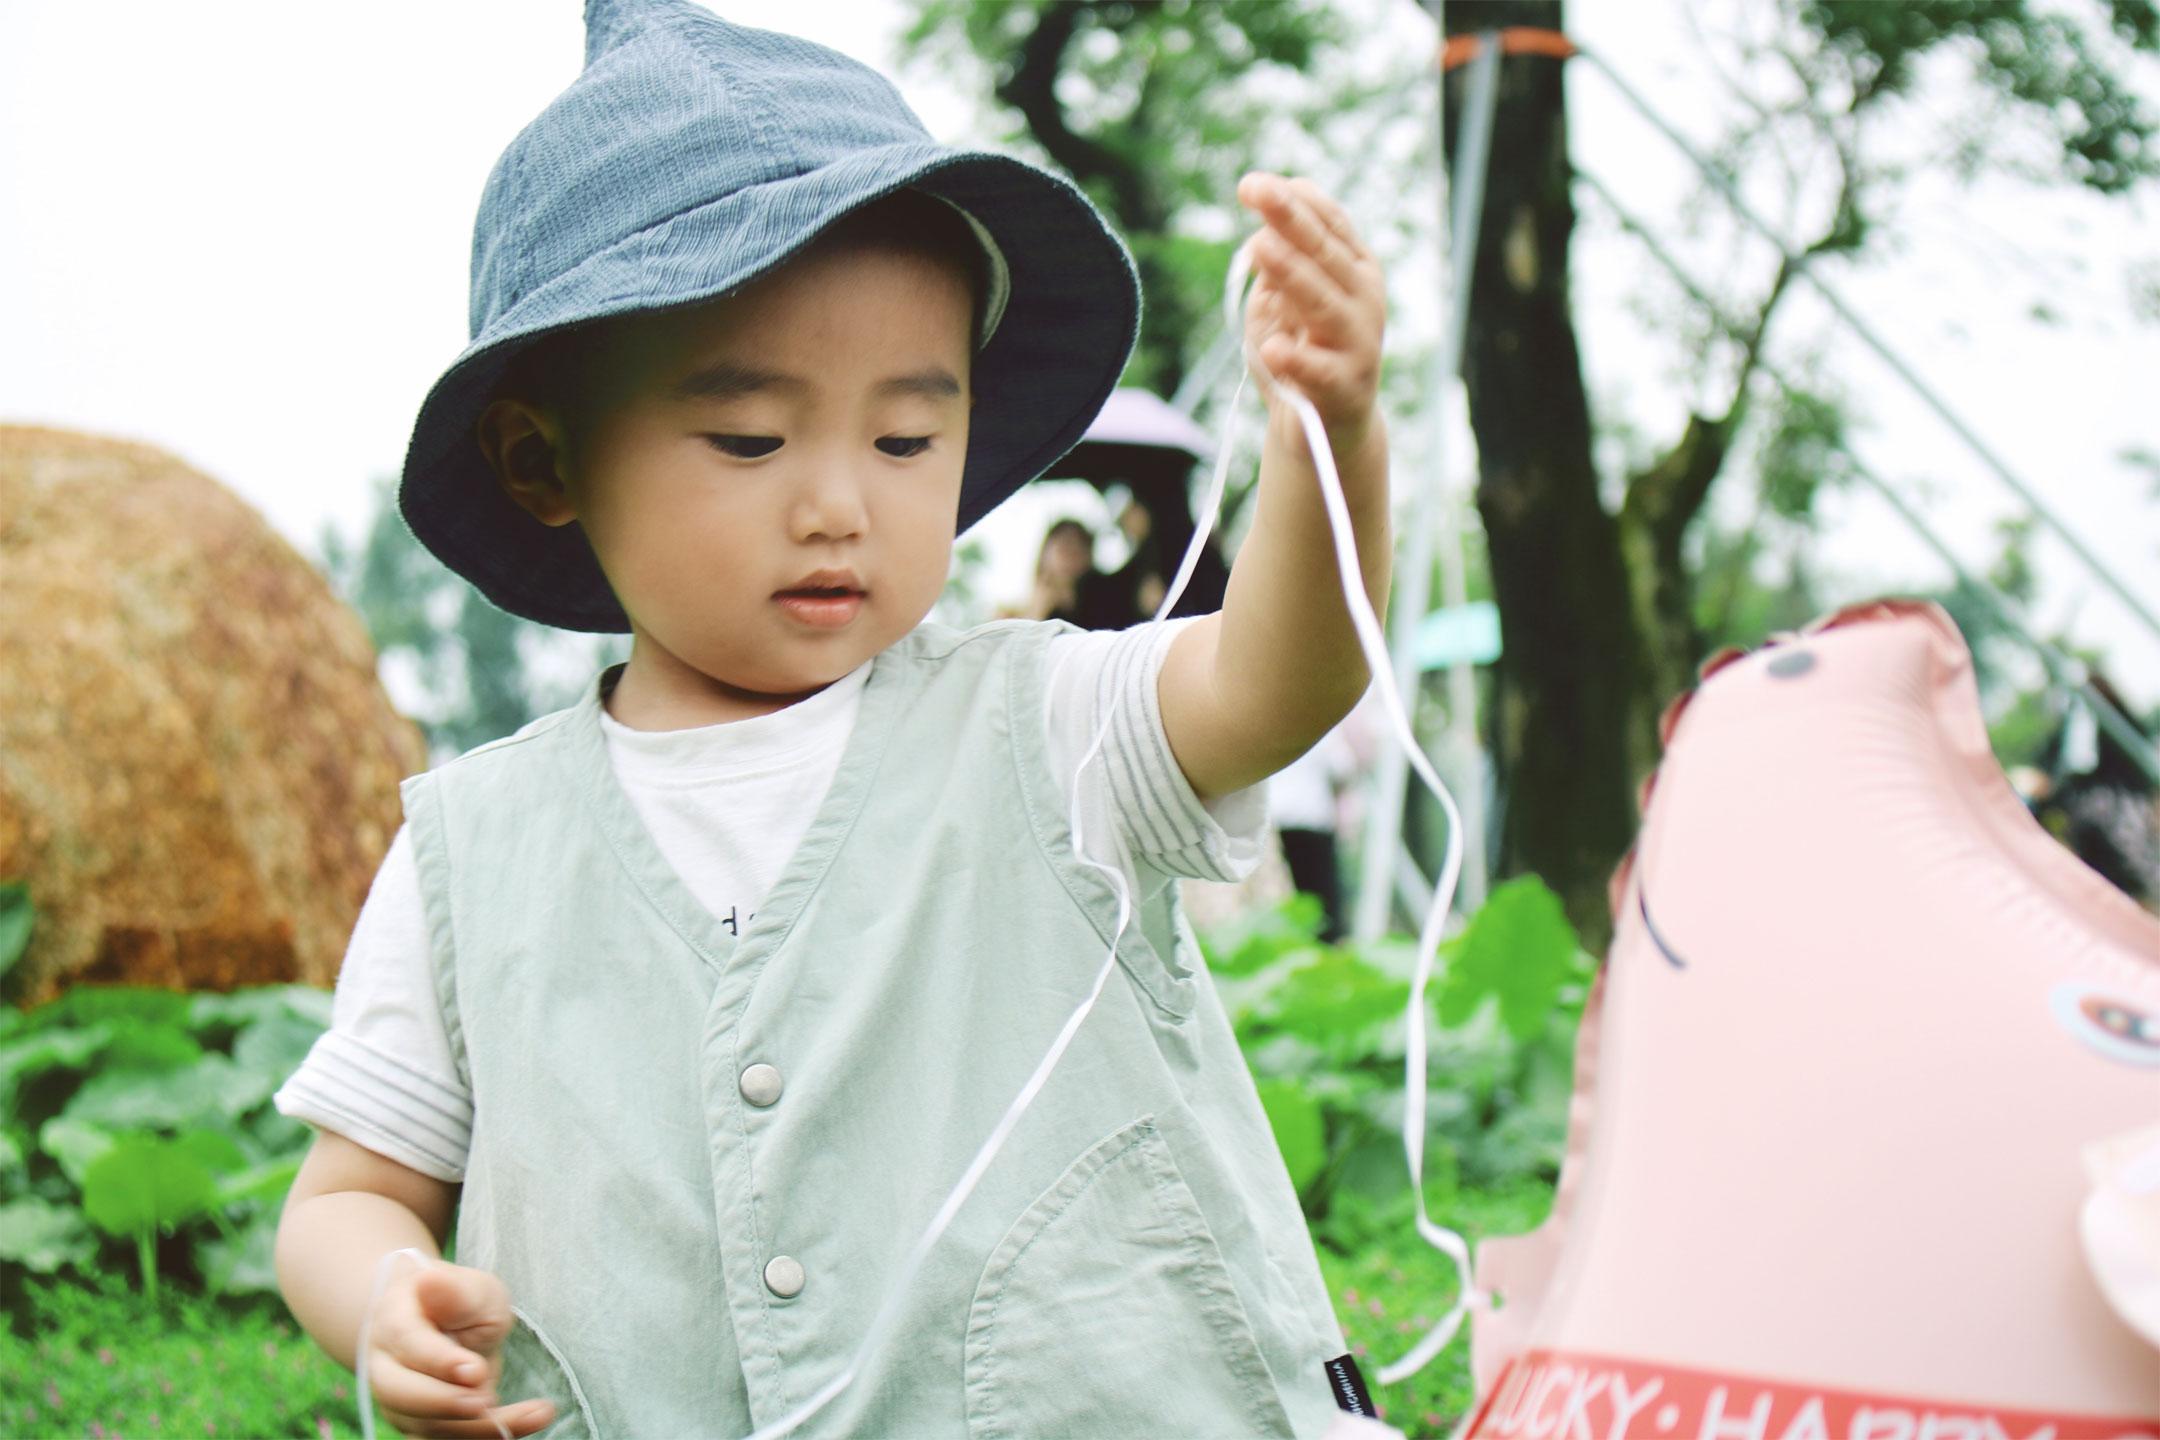 asian-toddler-playing-balloon2160